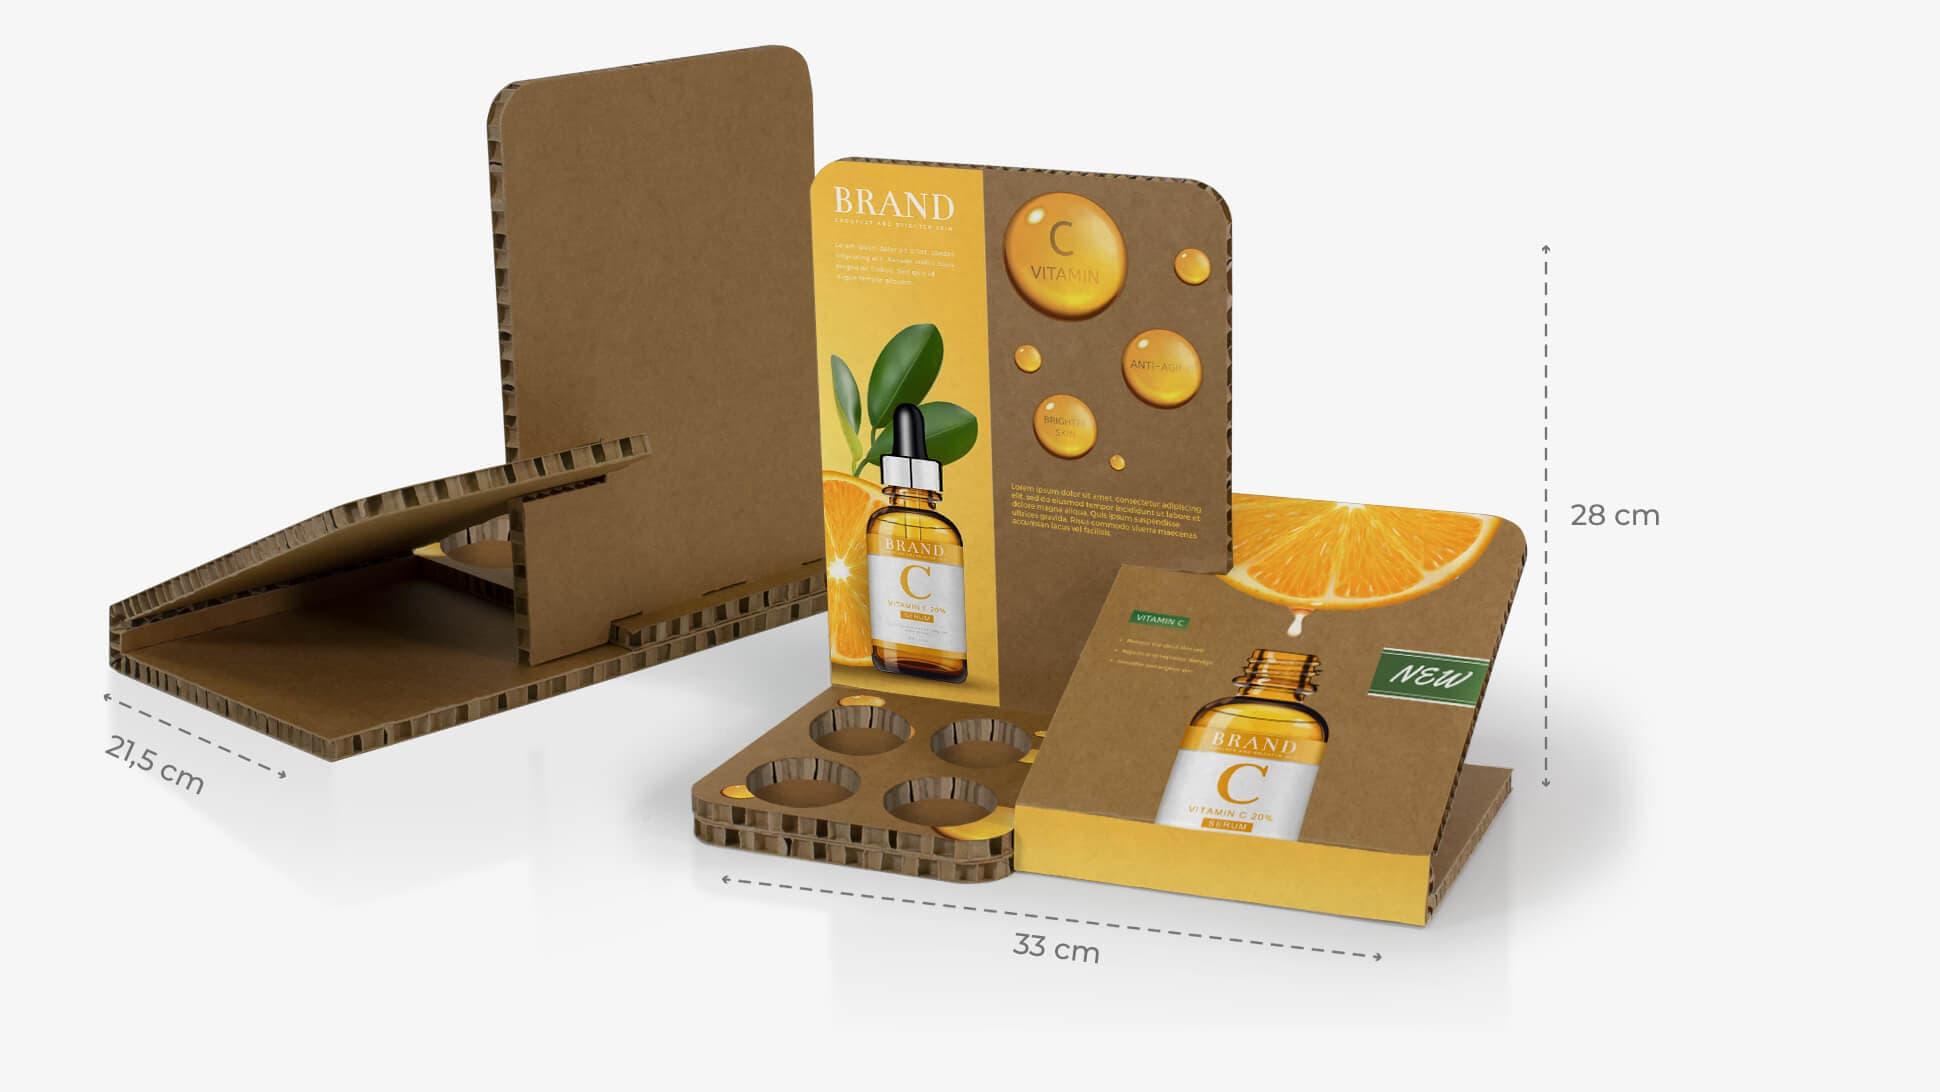 Espositore da banco Gelso color Avana per esposizione di prodotti | tictac.it